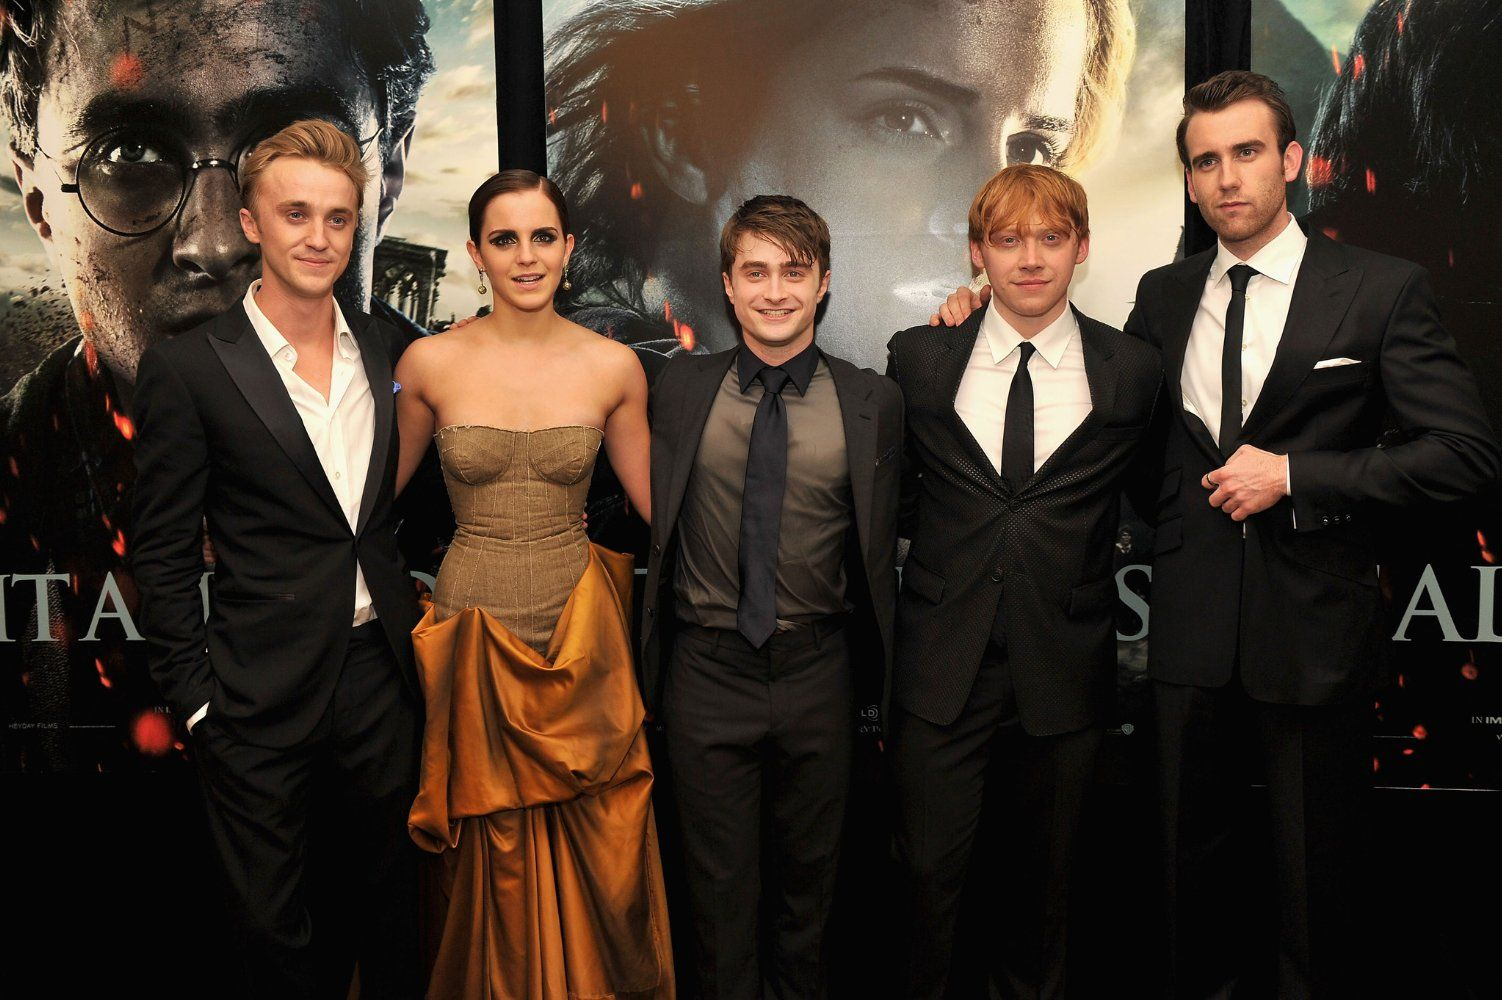 Tom,Emma,Daniel,Rupert & Matthew